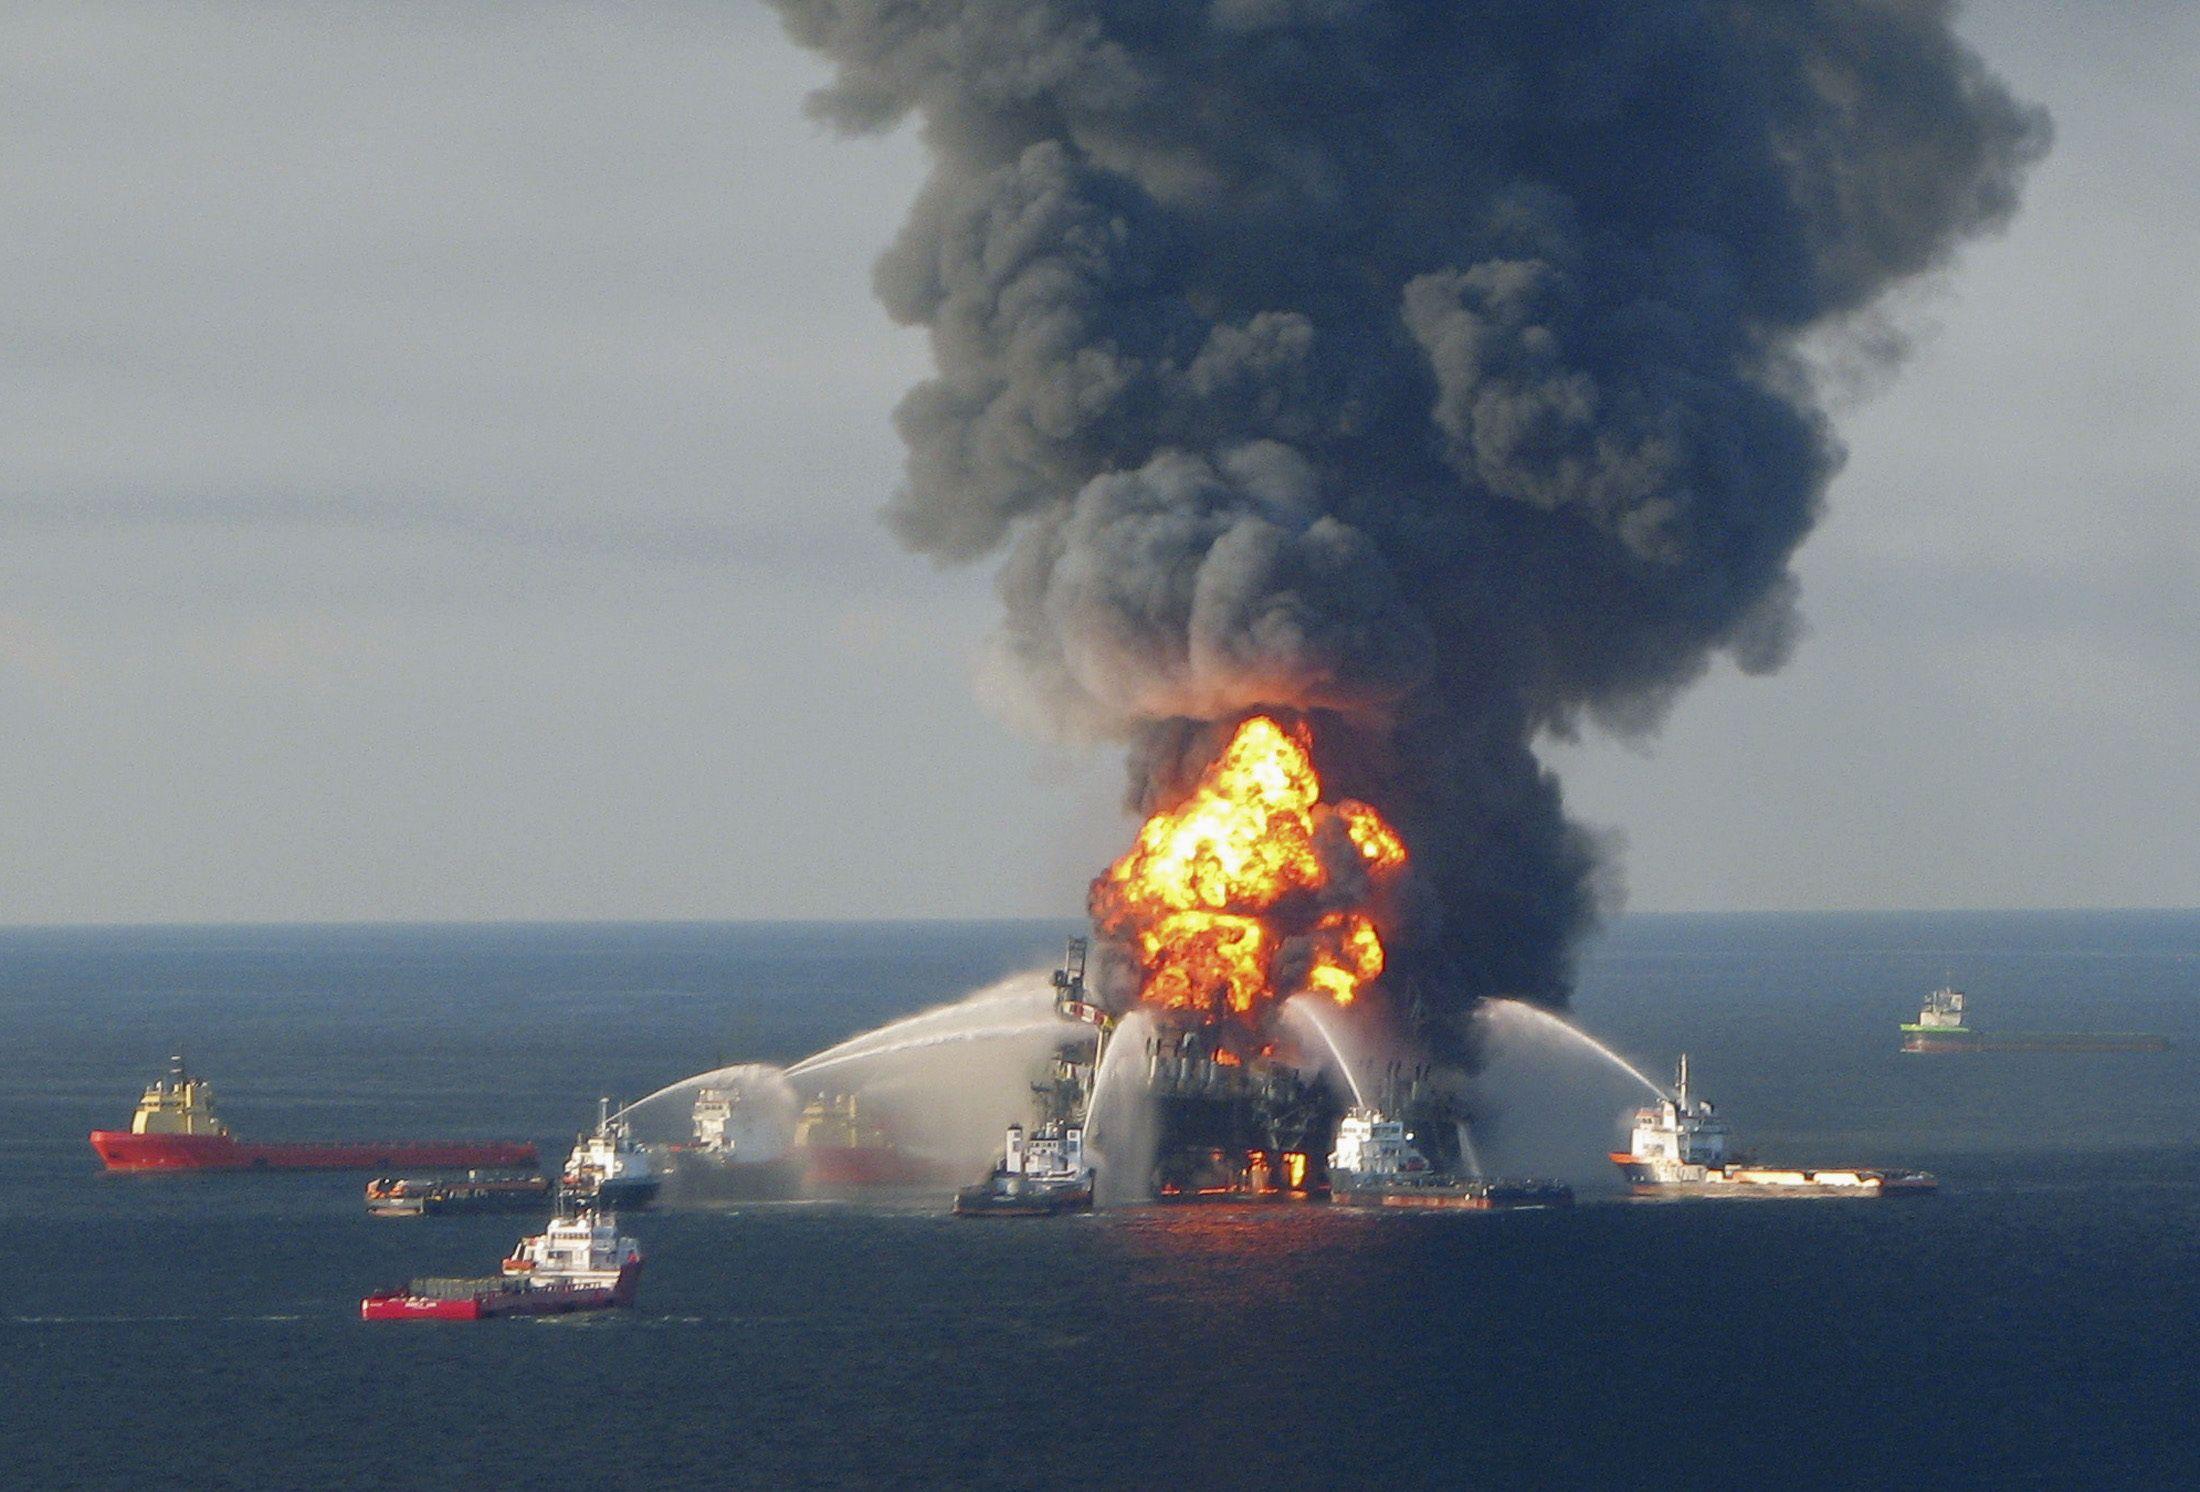 Gulf Oil Spill 2010 Fire